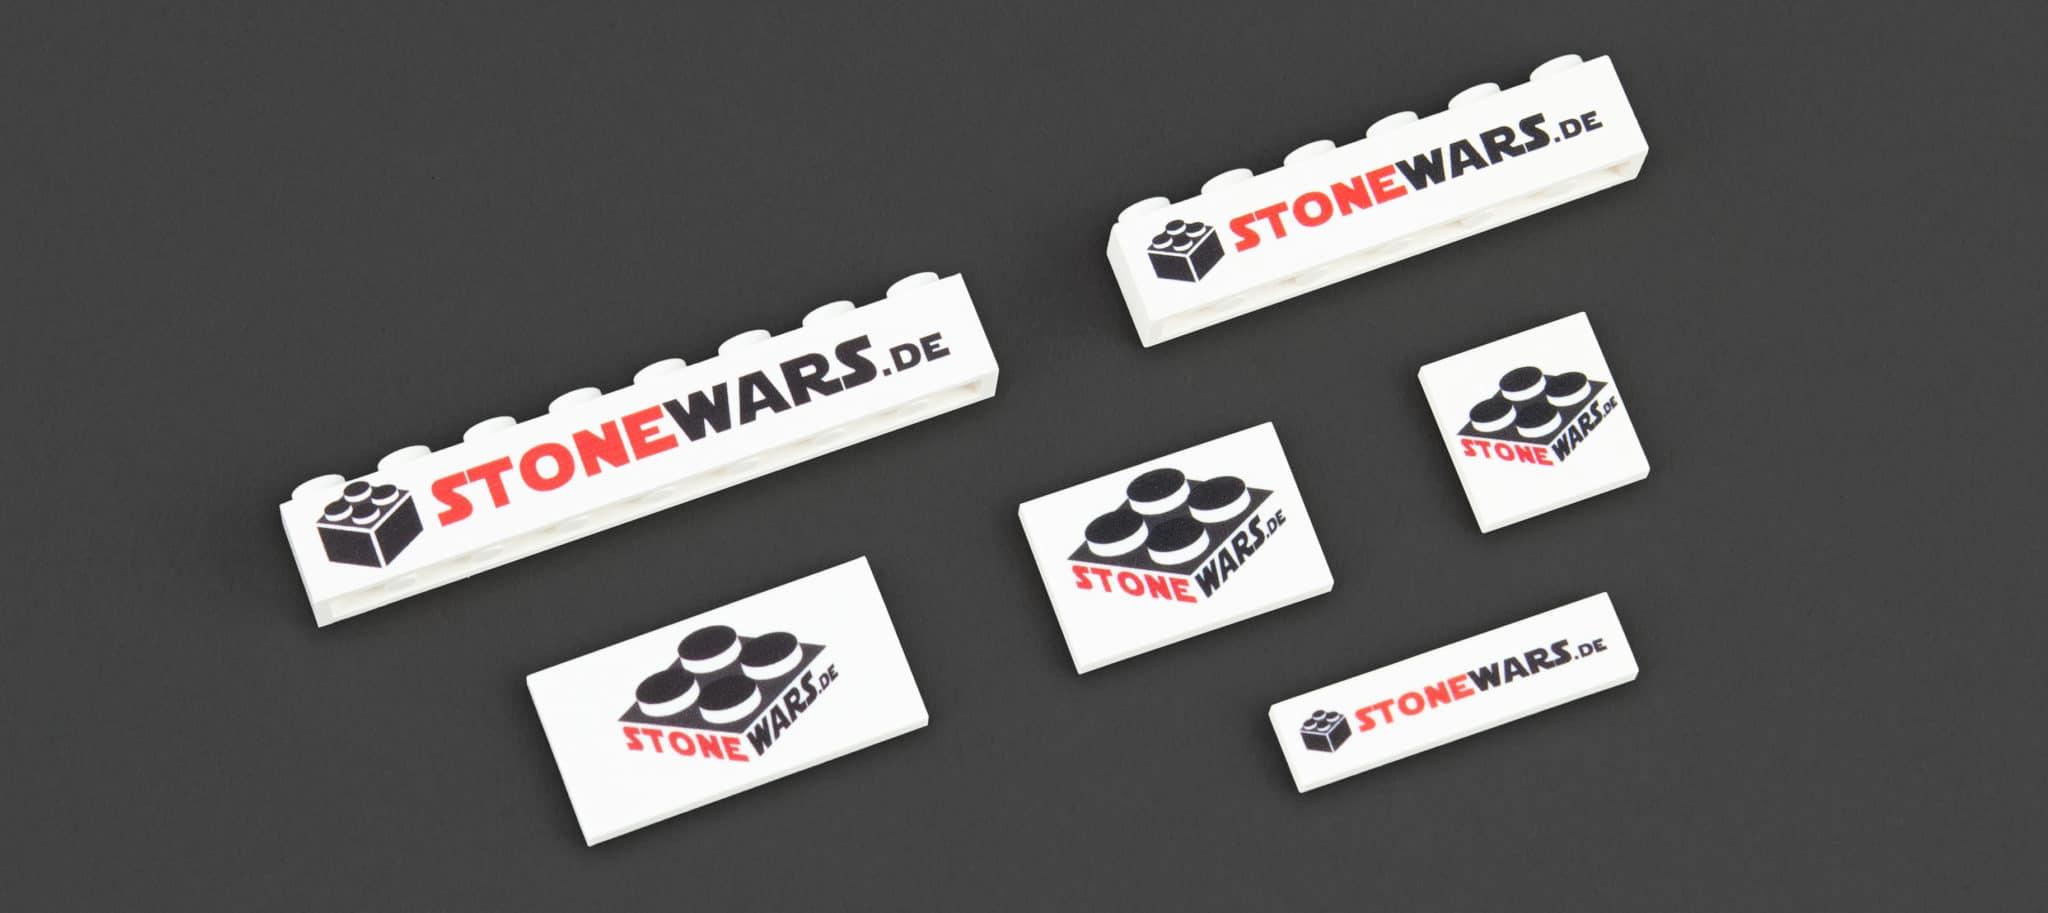 Stonewars Merch Banner